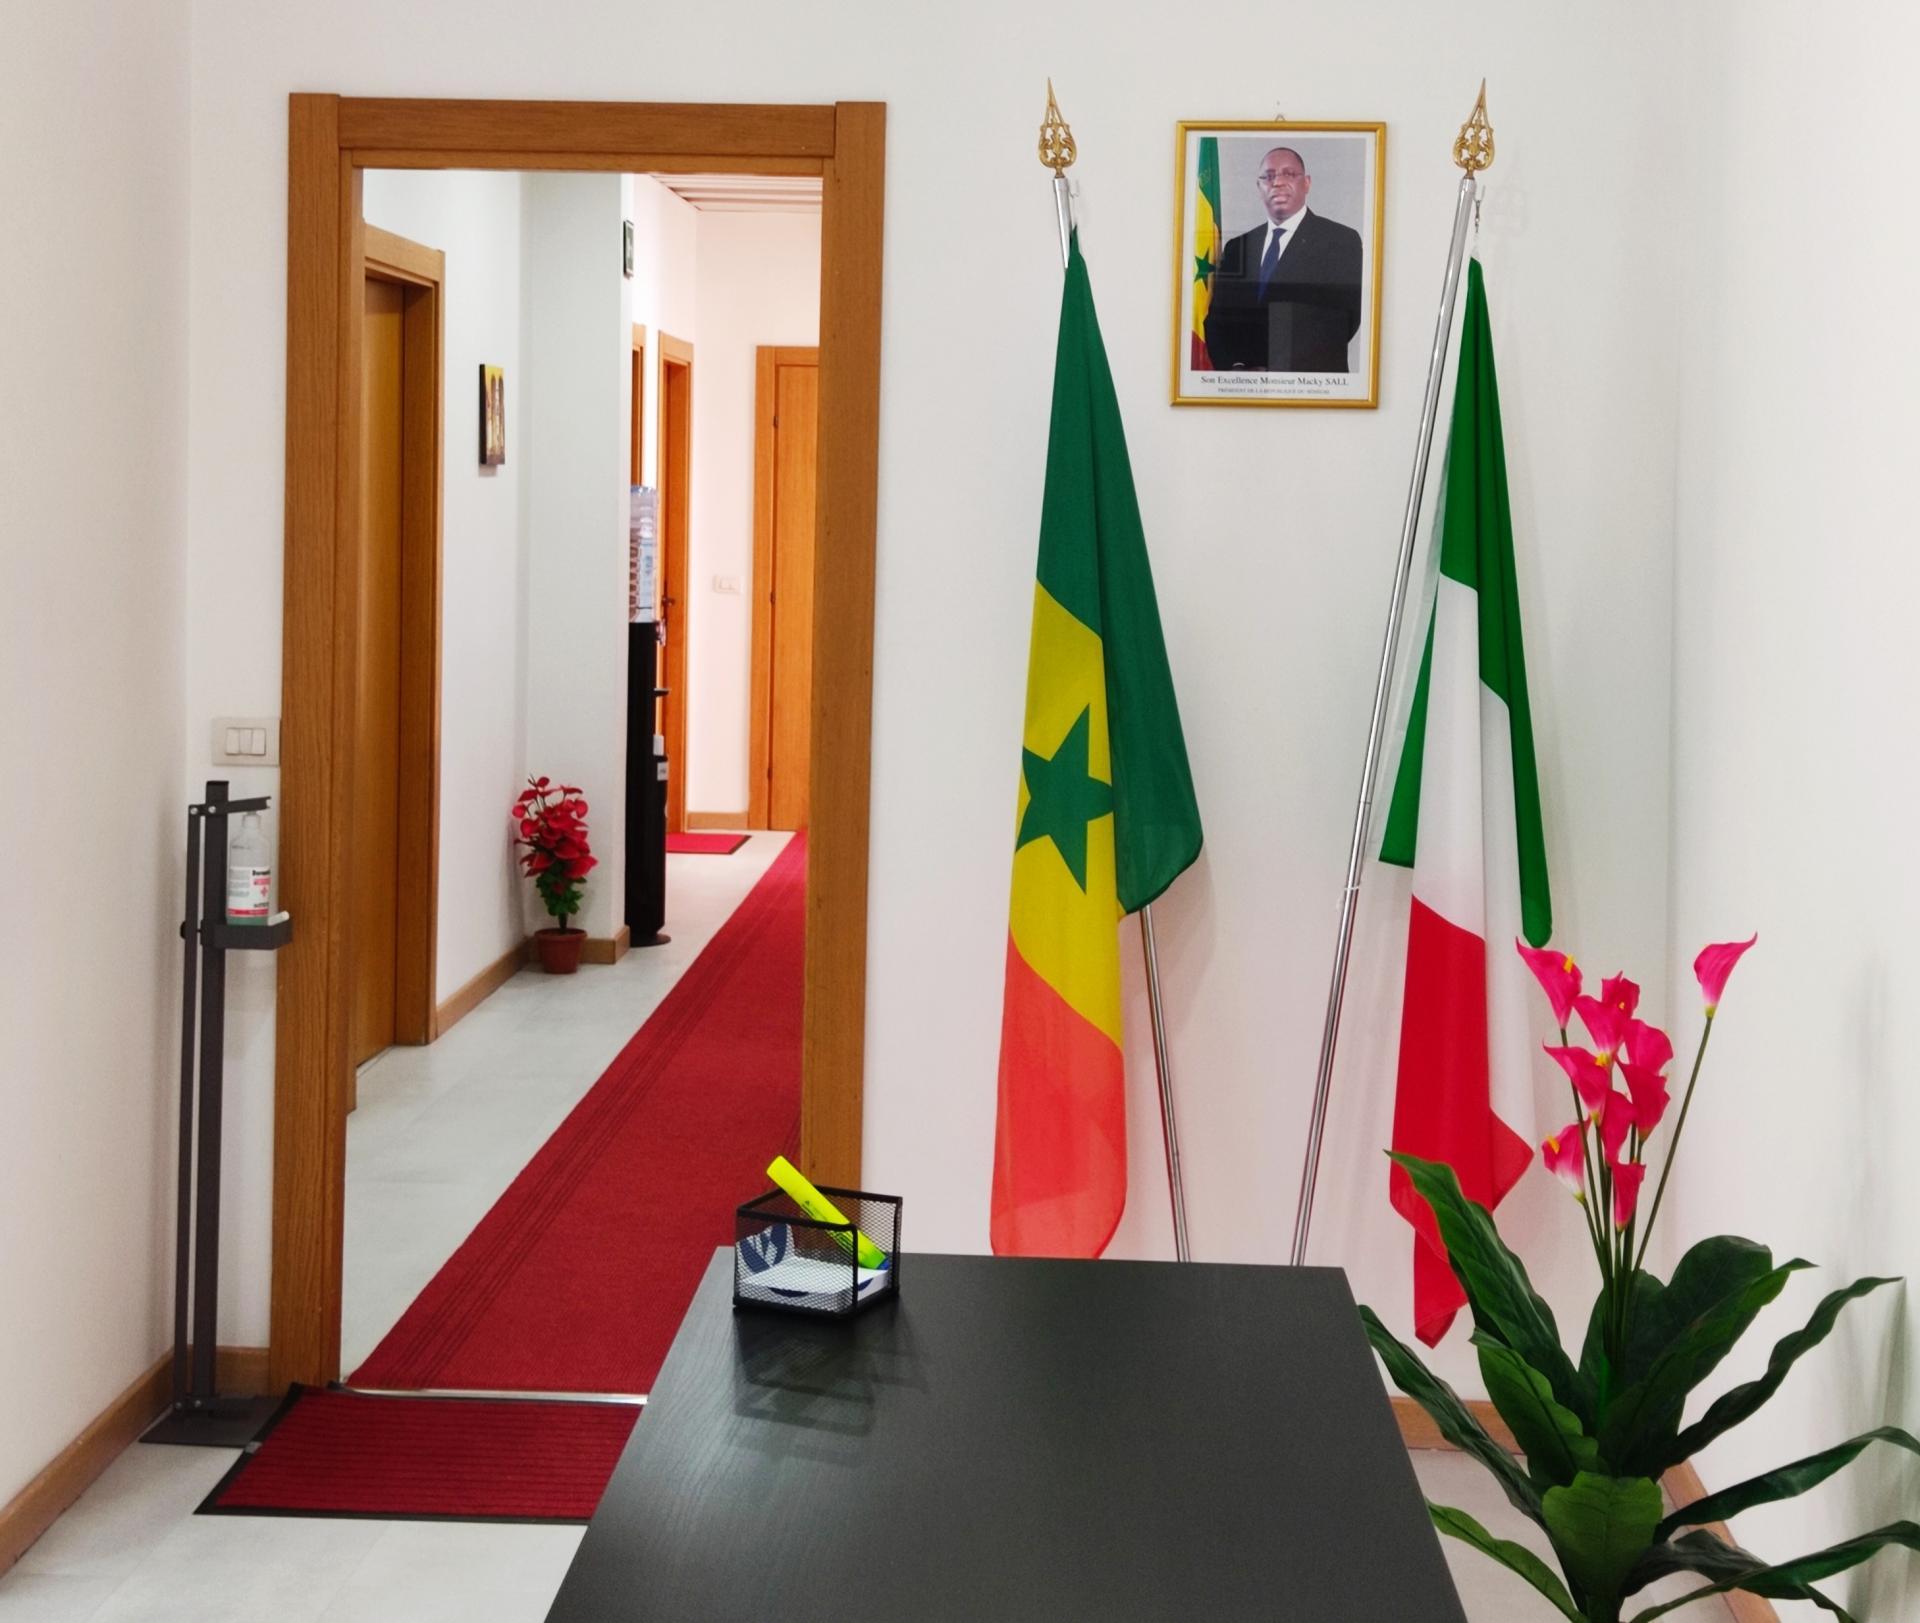 Le Consulat en images